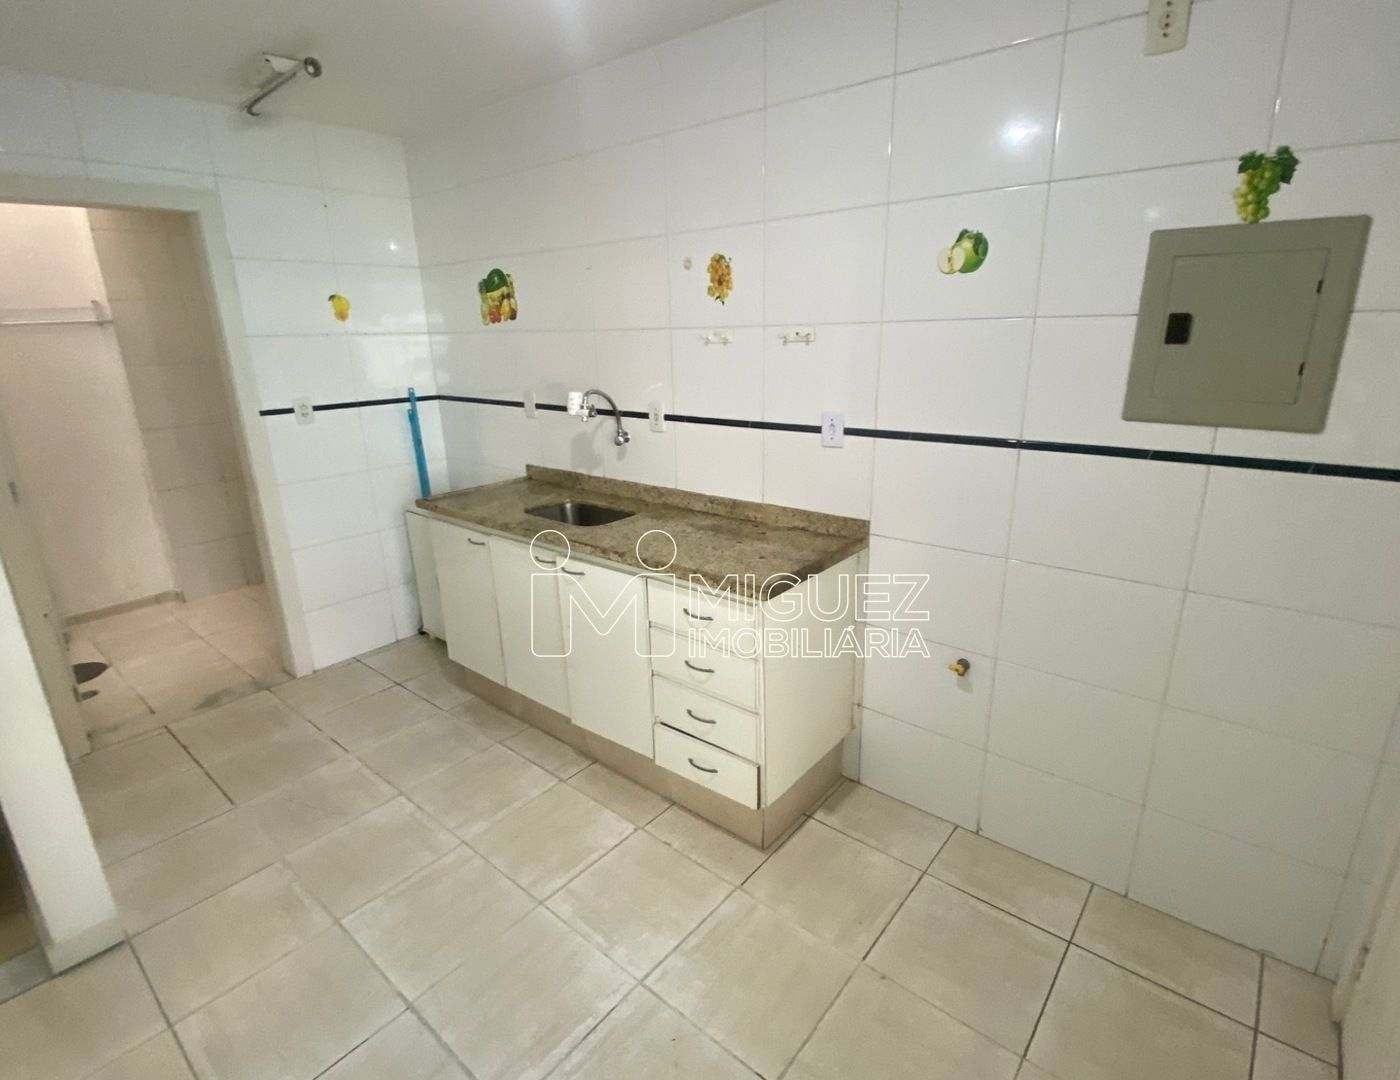 Casa, venda, Rua Barão de Vassouras - Maracanã , Rio de janeiro